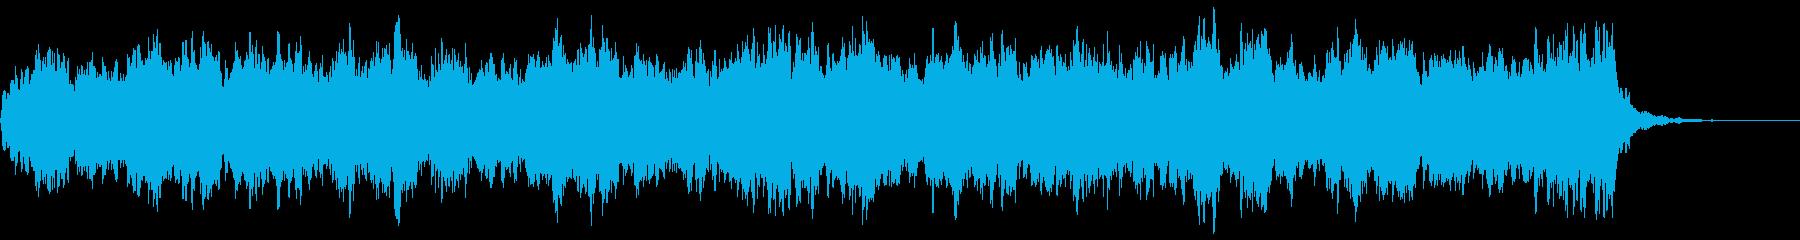 グリーンスリーブス ストリングスの再生済みの波形